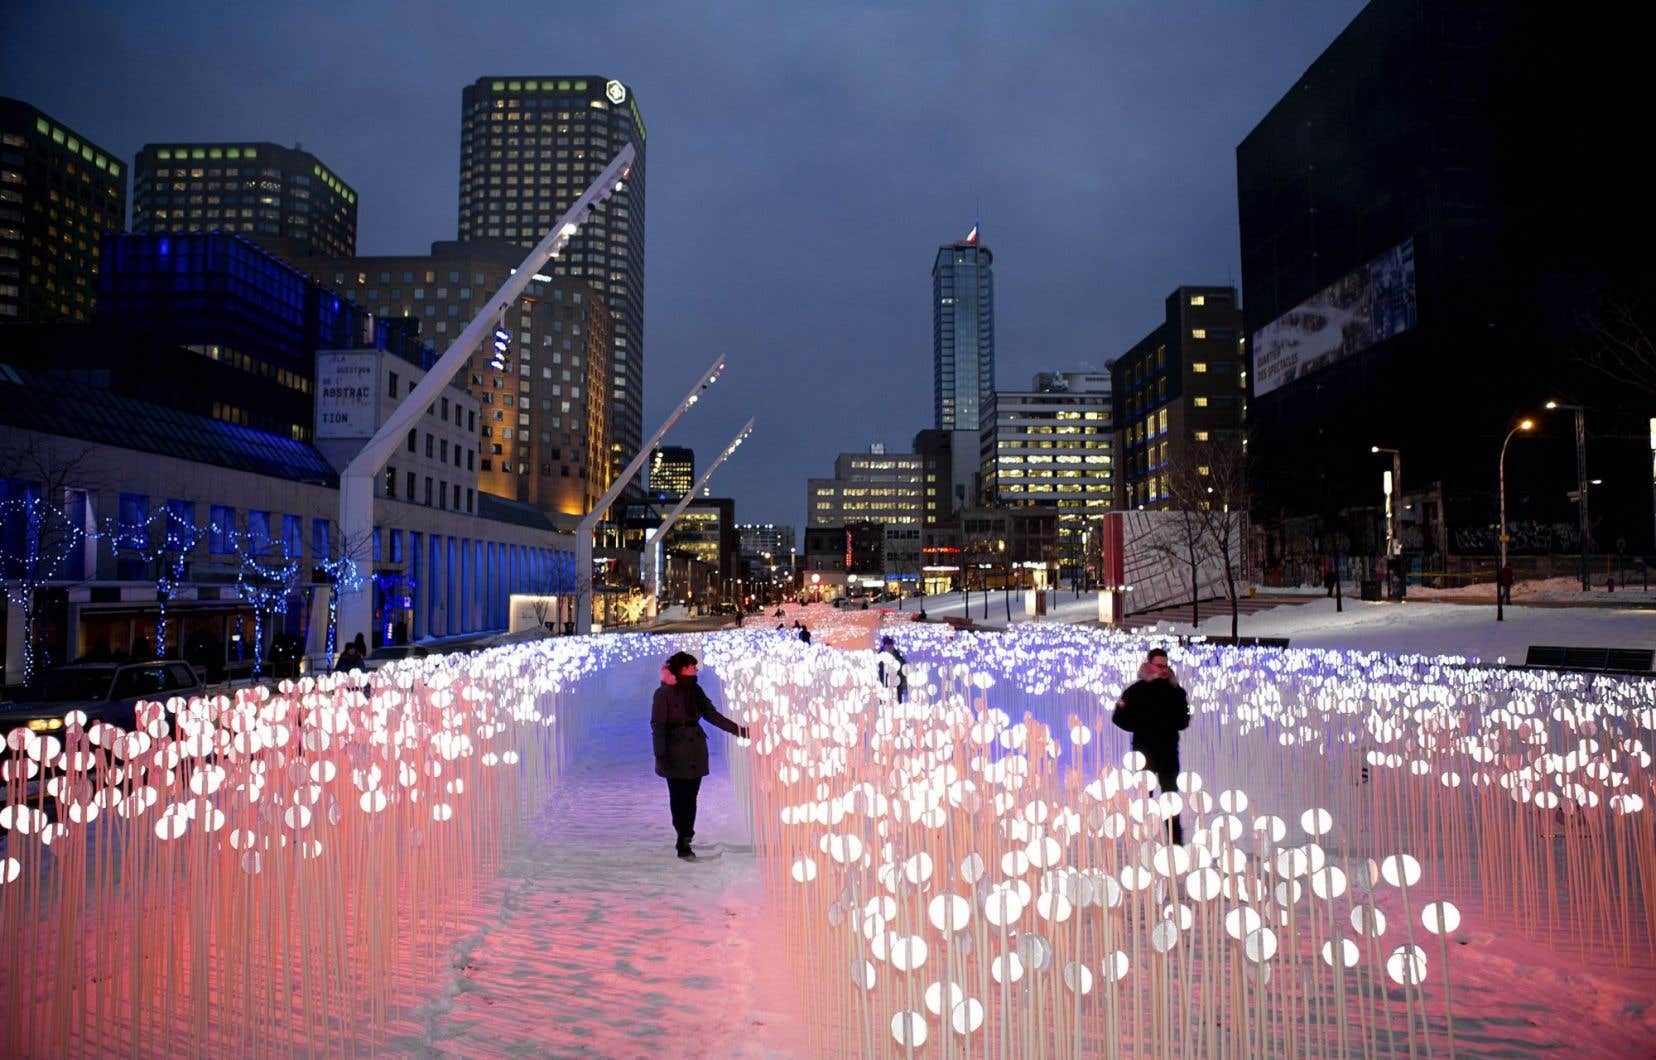 L'installation «Entre les rangs», réalisée par KANVA Architecture, en 2014, dans le cadre de l'exposition à ciel ouvert Luminothérapie.